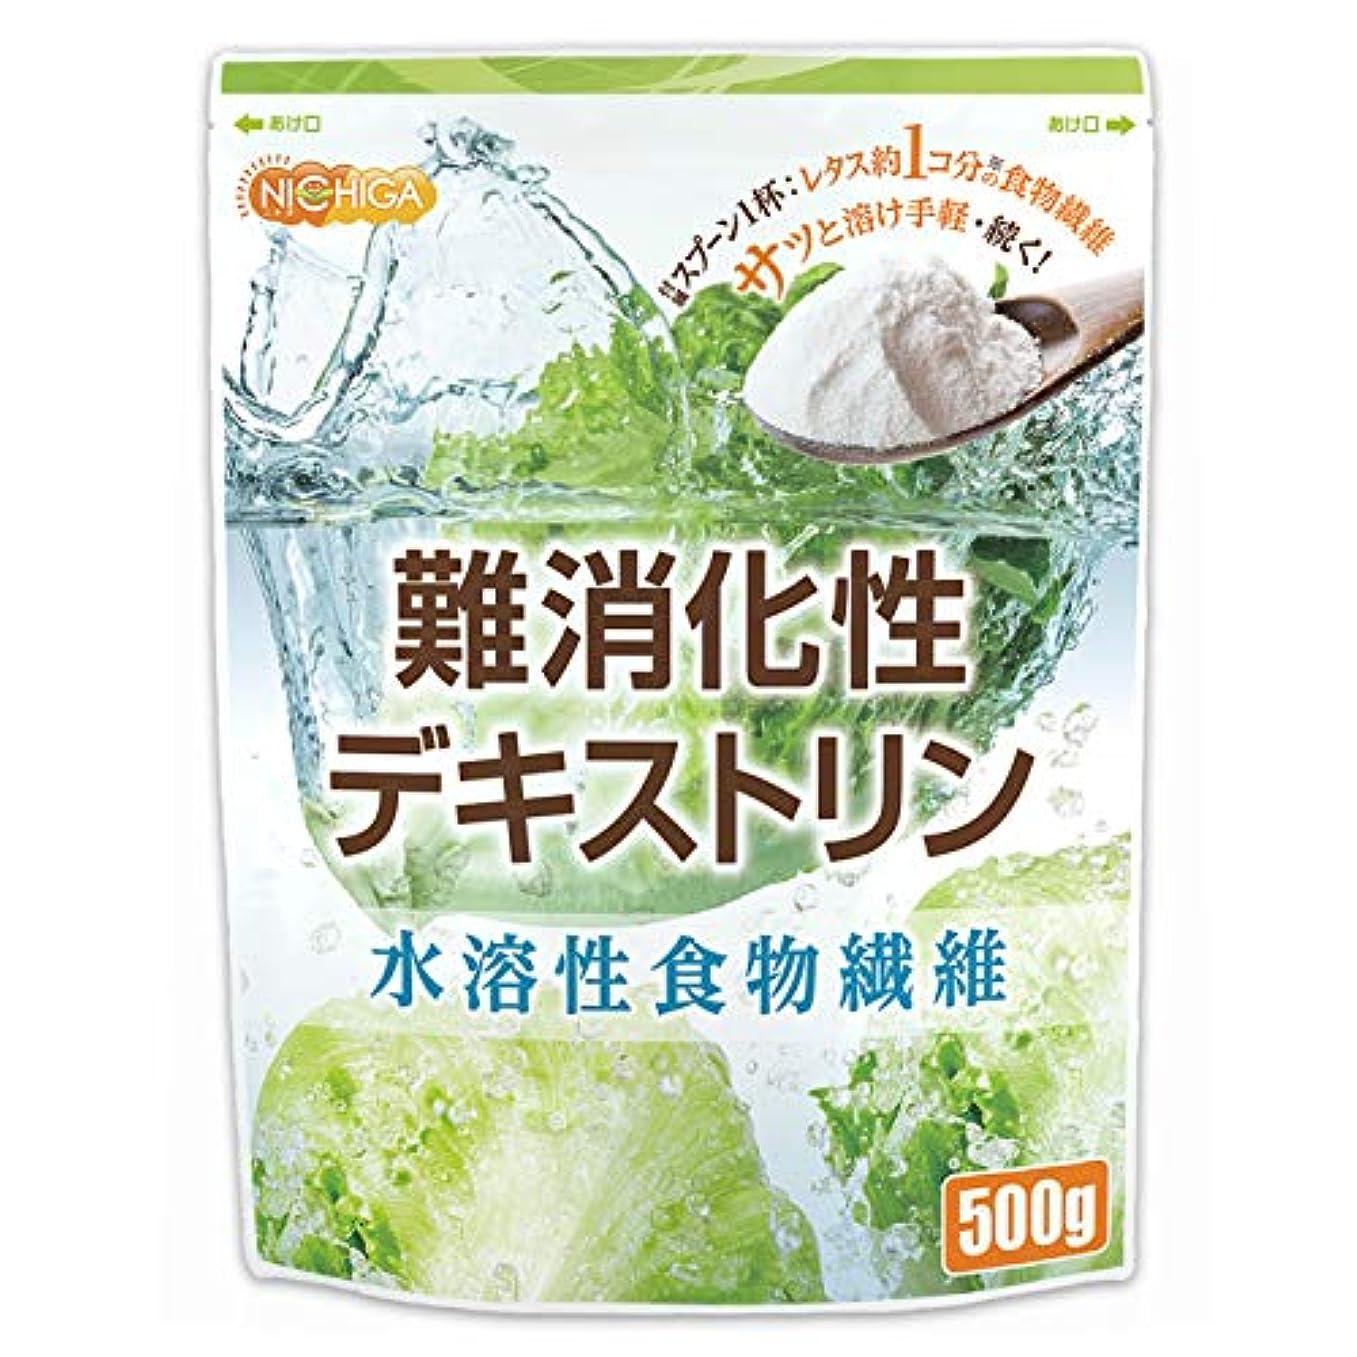 不安定な検索エンジン最適化呼吸する難消化性デキストリン 500g 製品のリニューアル致しました 水溶性食物繊維 [01] NICHIGA(ニチガ) 付属のスプーン1杯2.5gで、約レタス1個分の食物繊維